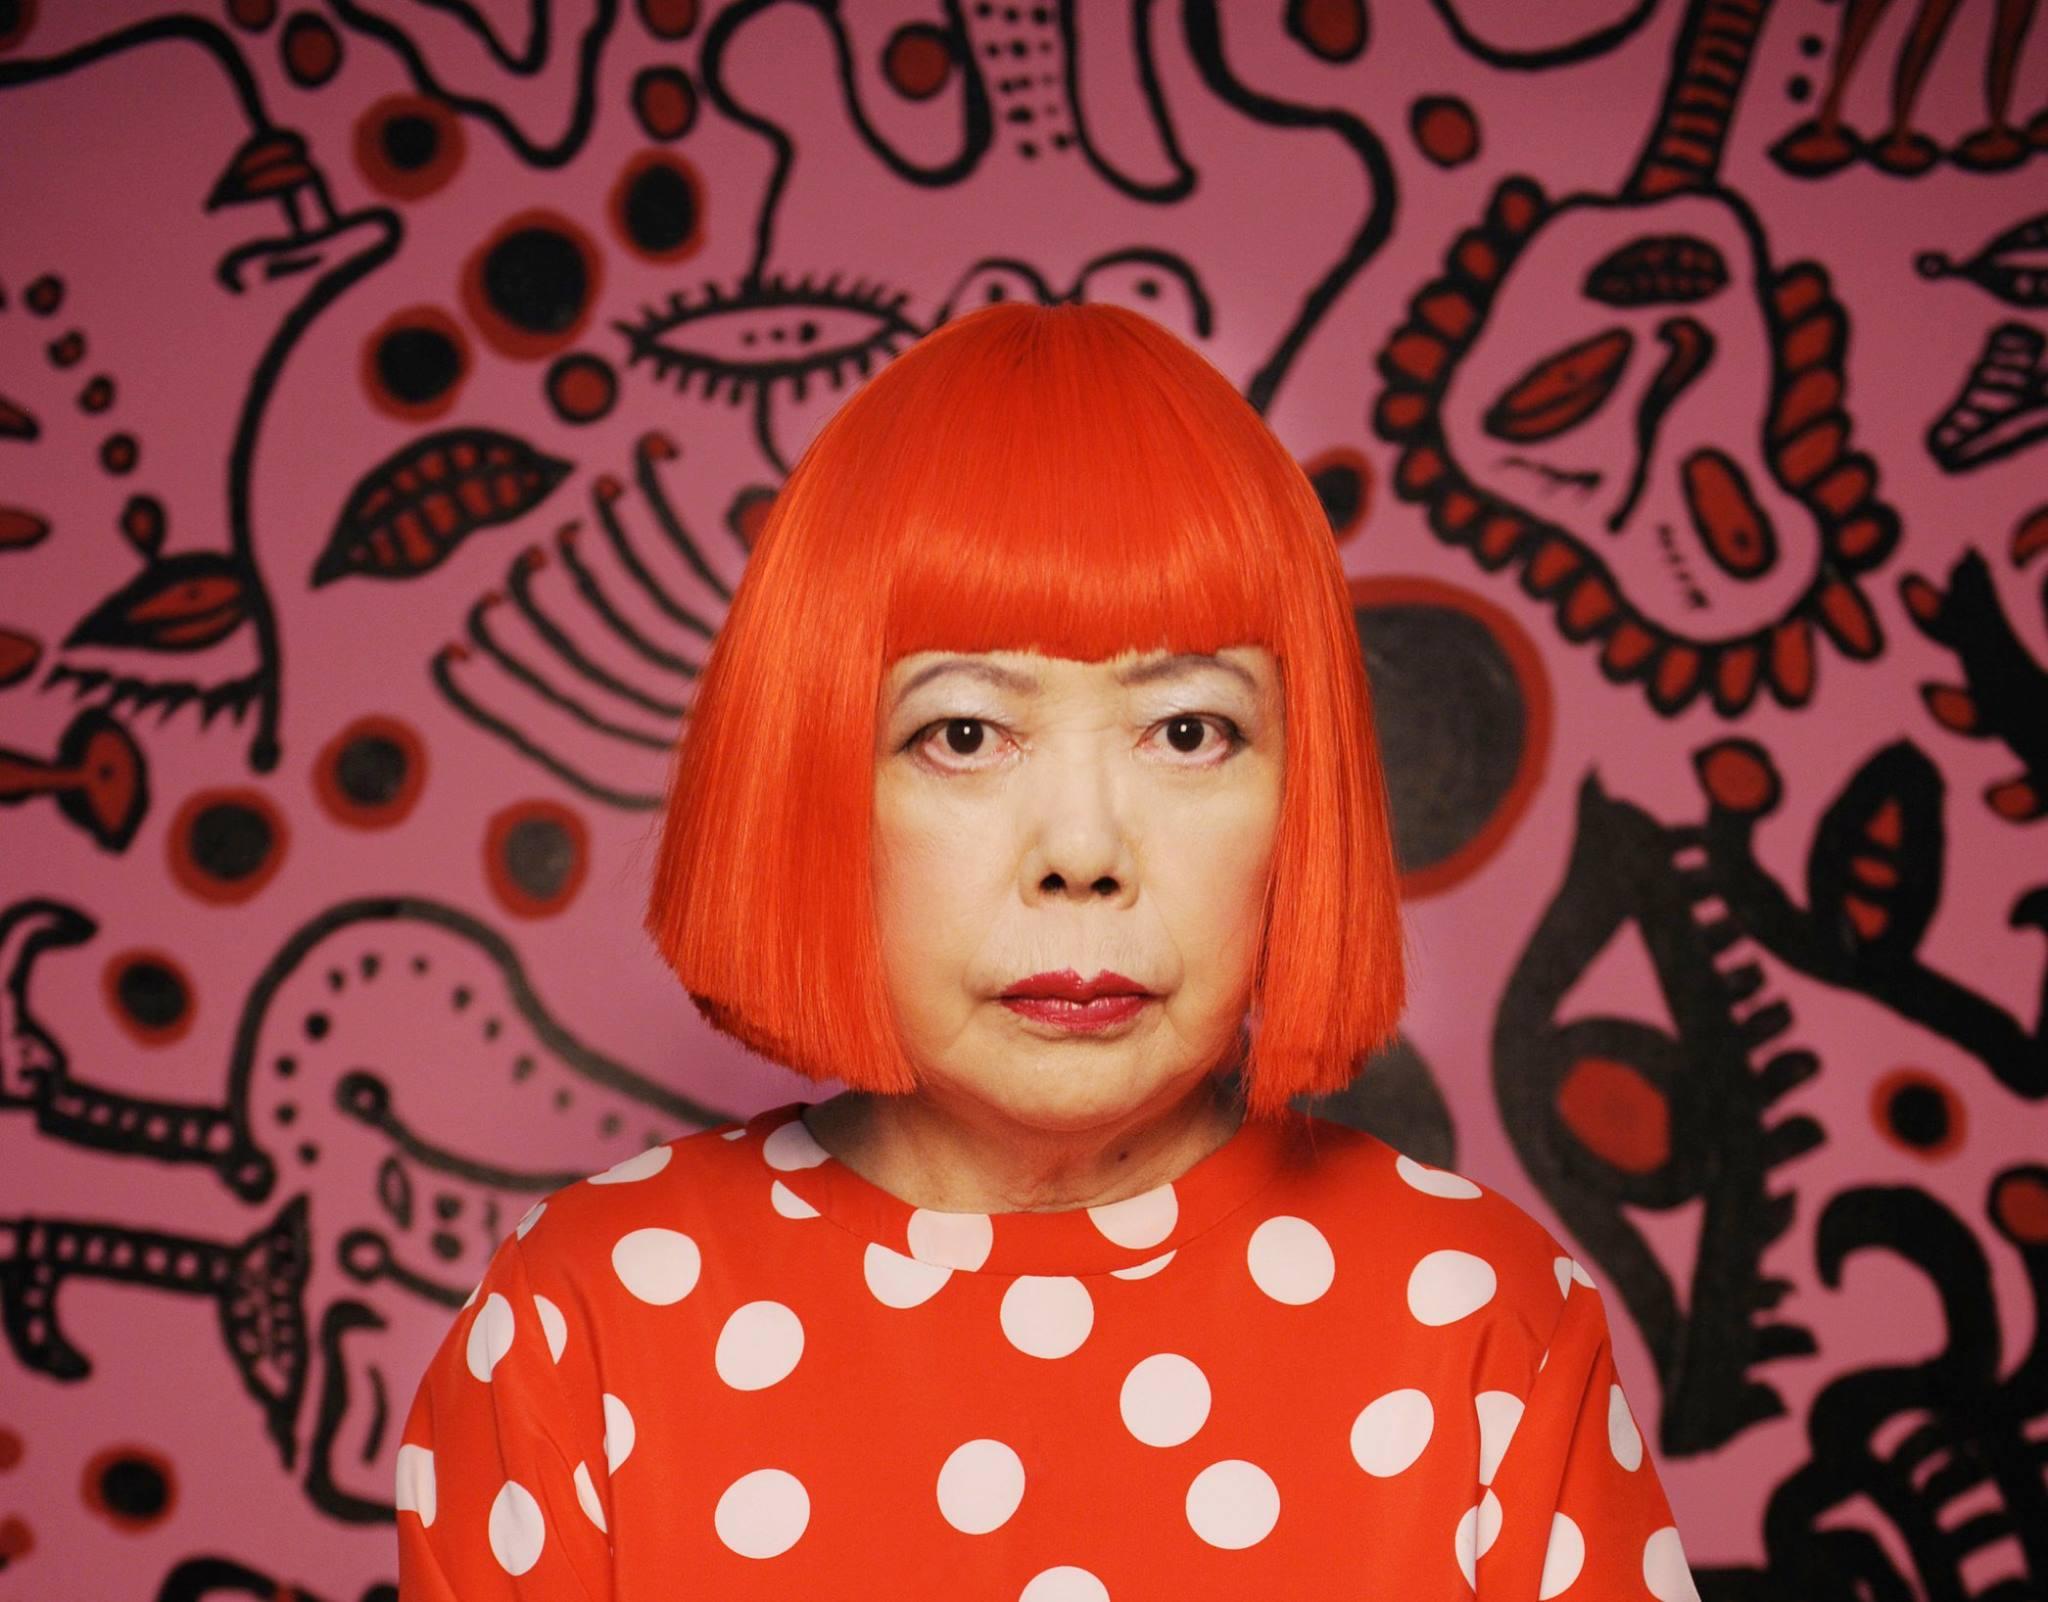 Asian contemporary artists Yayoi Kusama